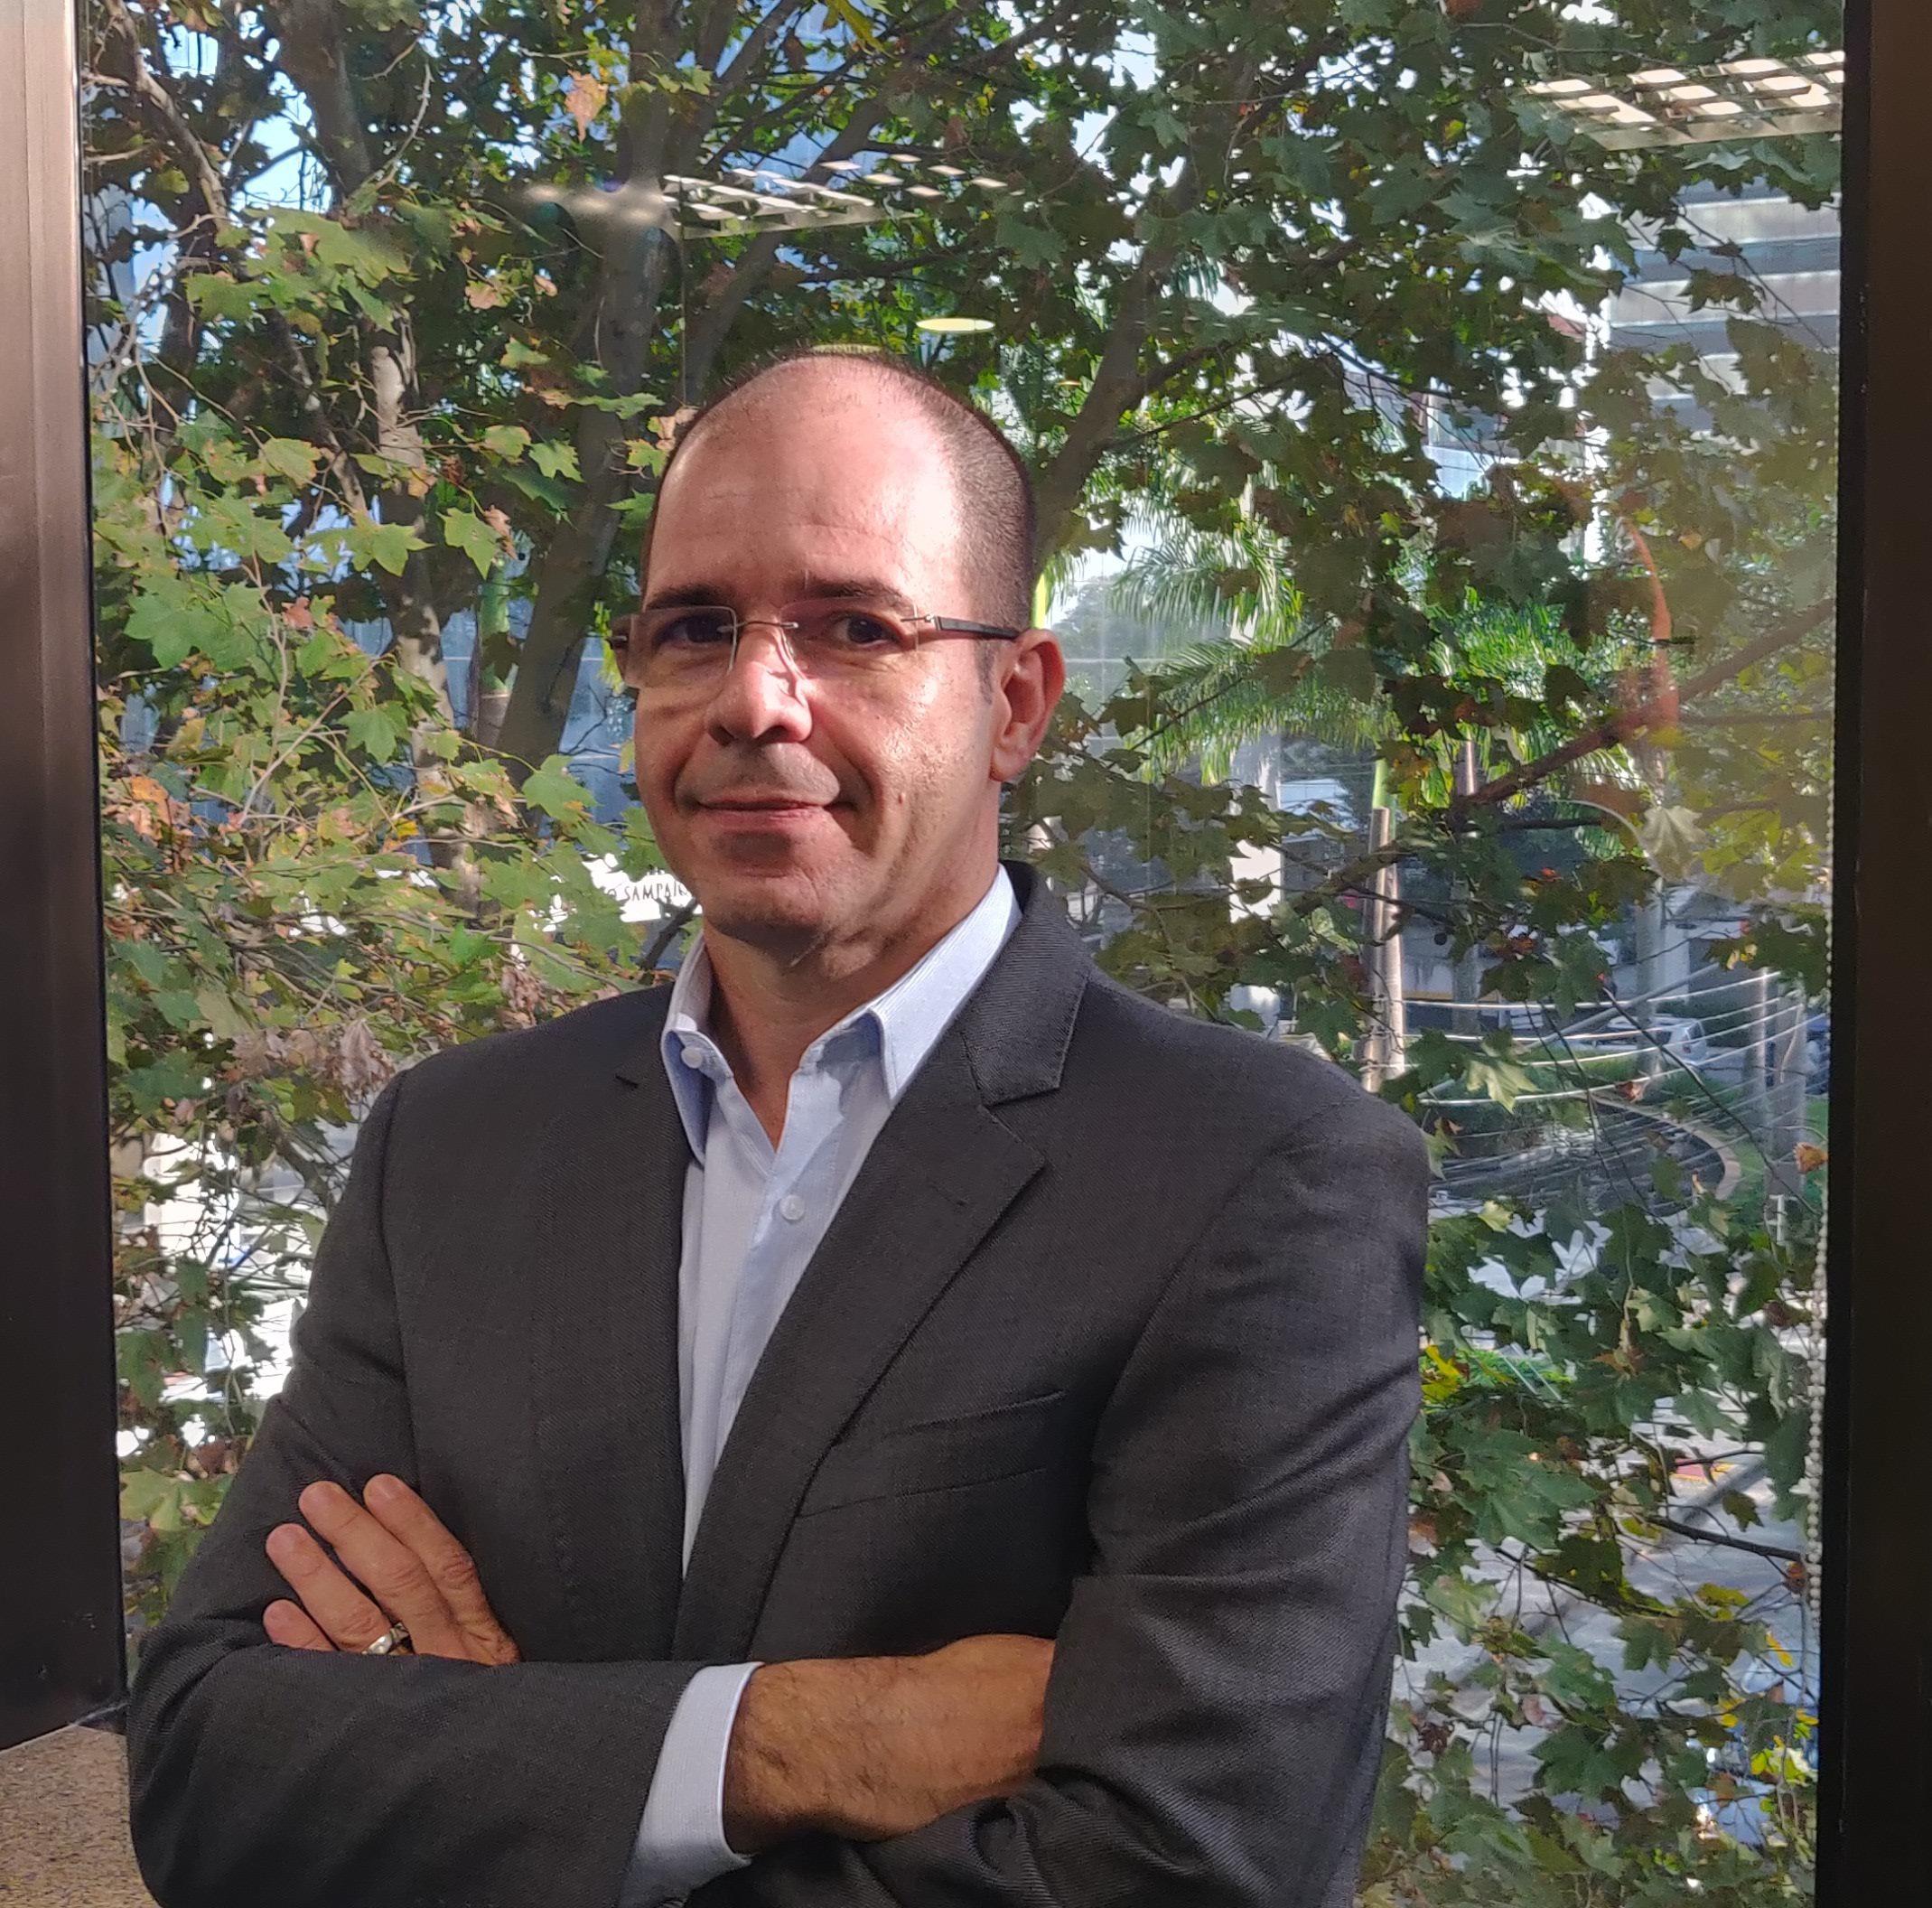 Caio Soares